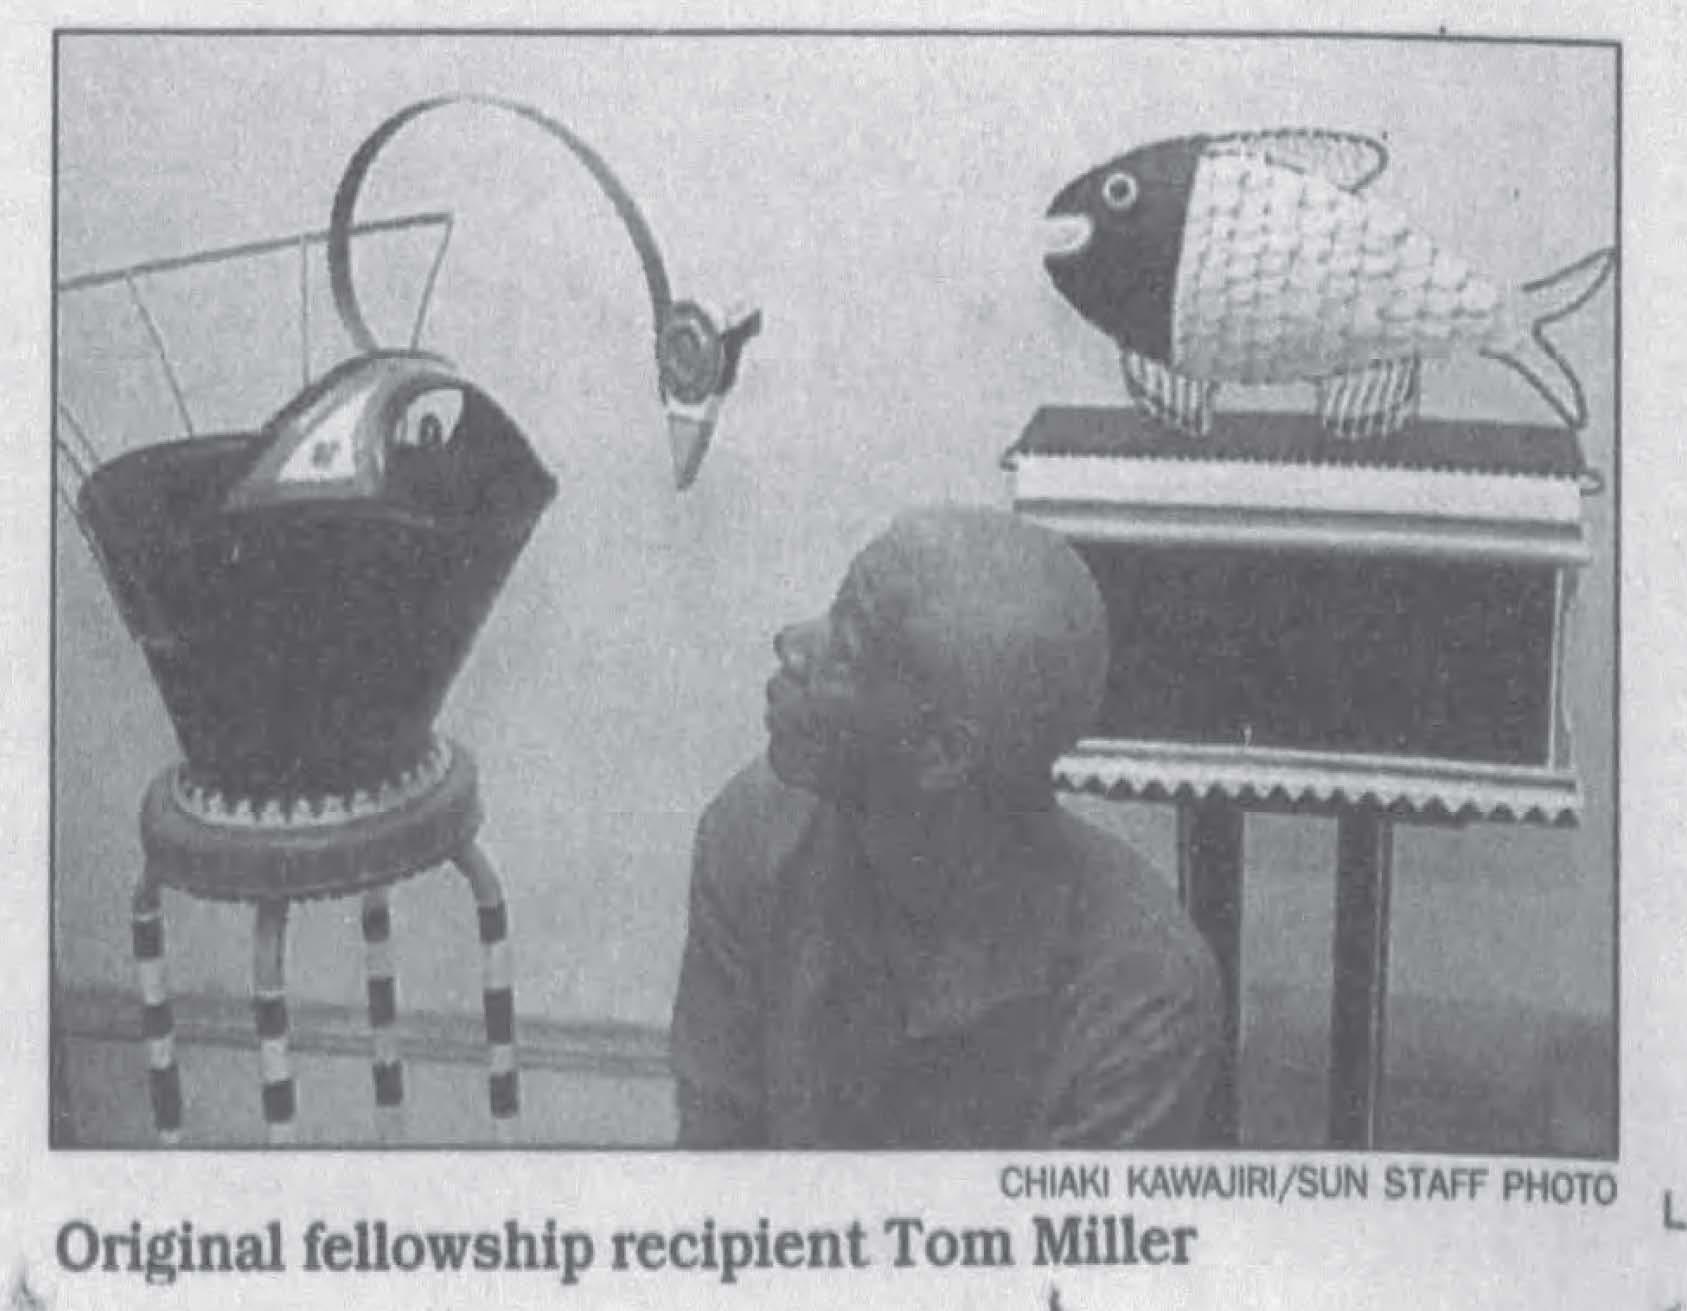 tom_miller-2.jpg